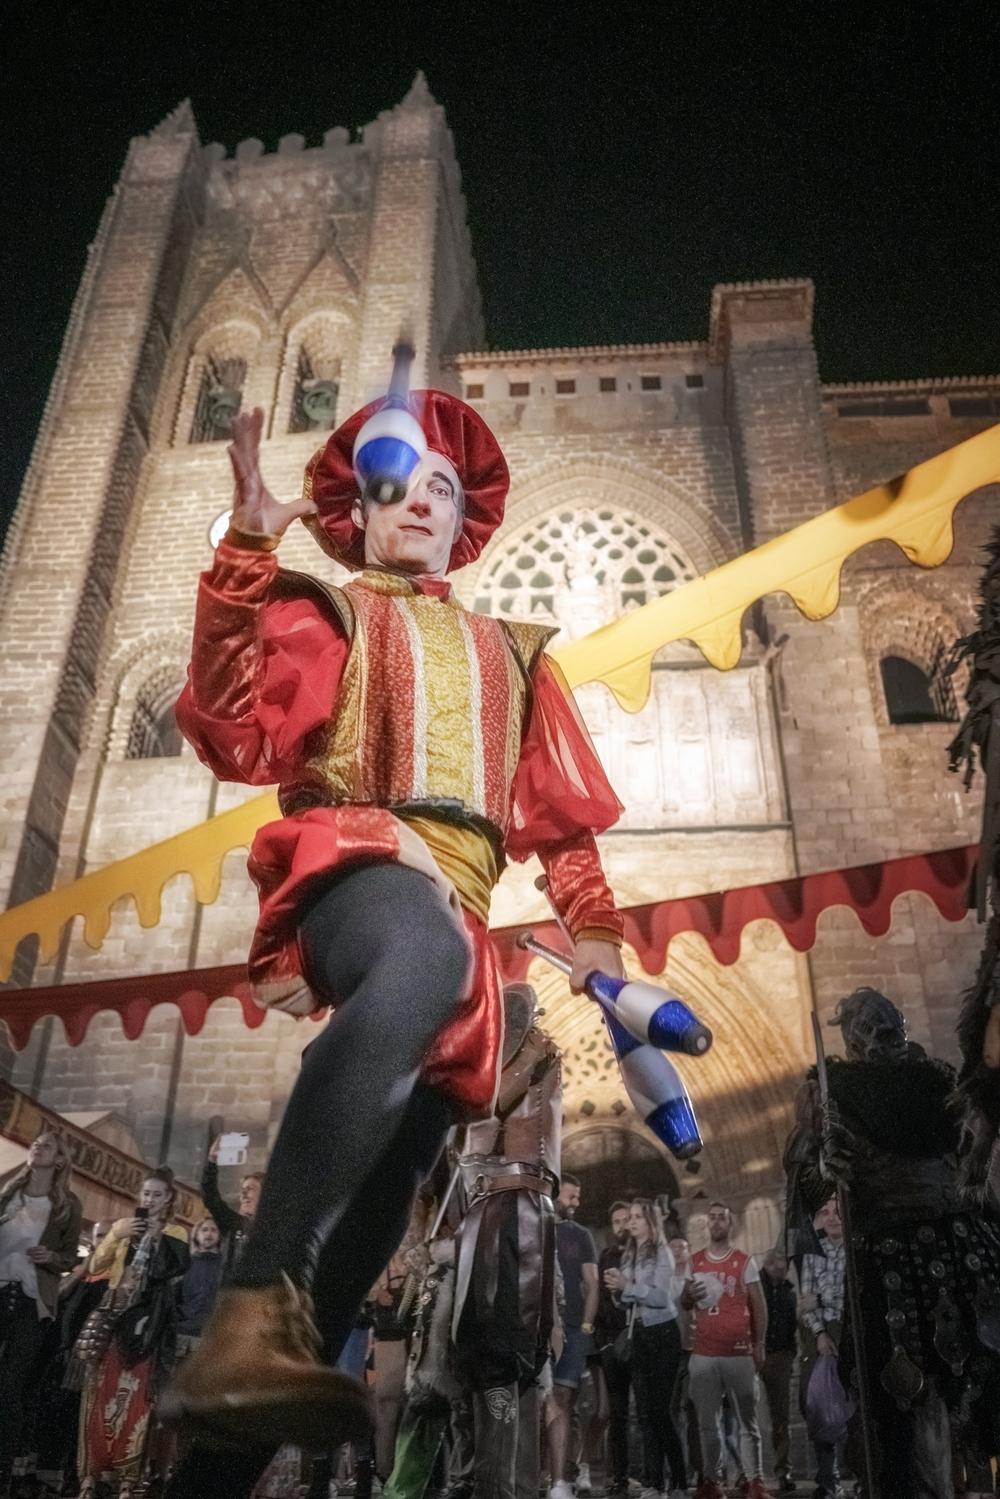 Un bailarín en el Grande, imagen del próximo Medieval